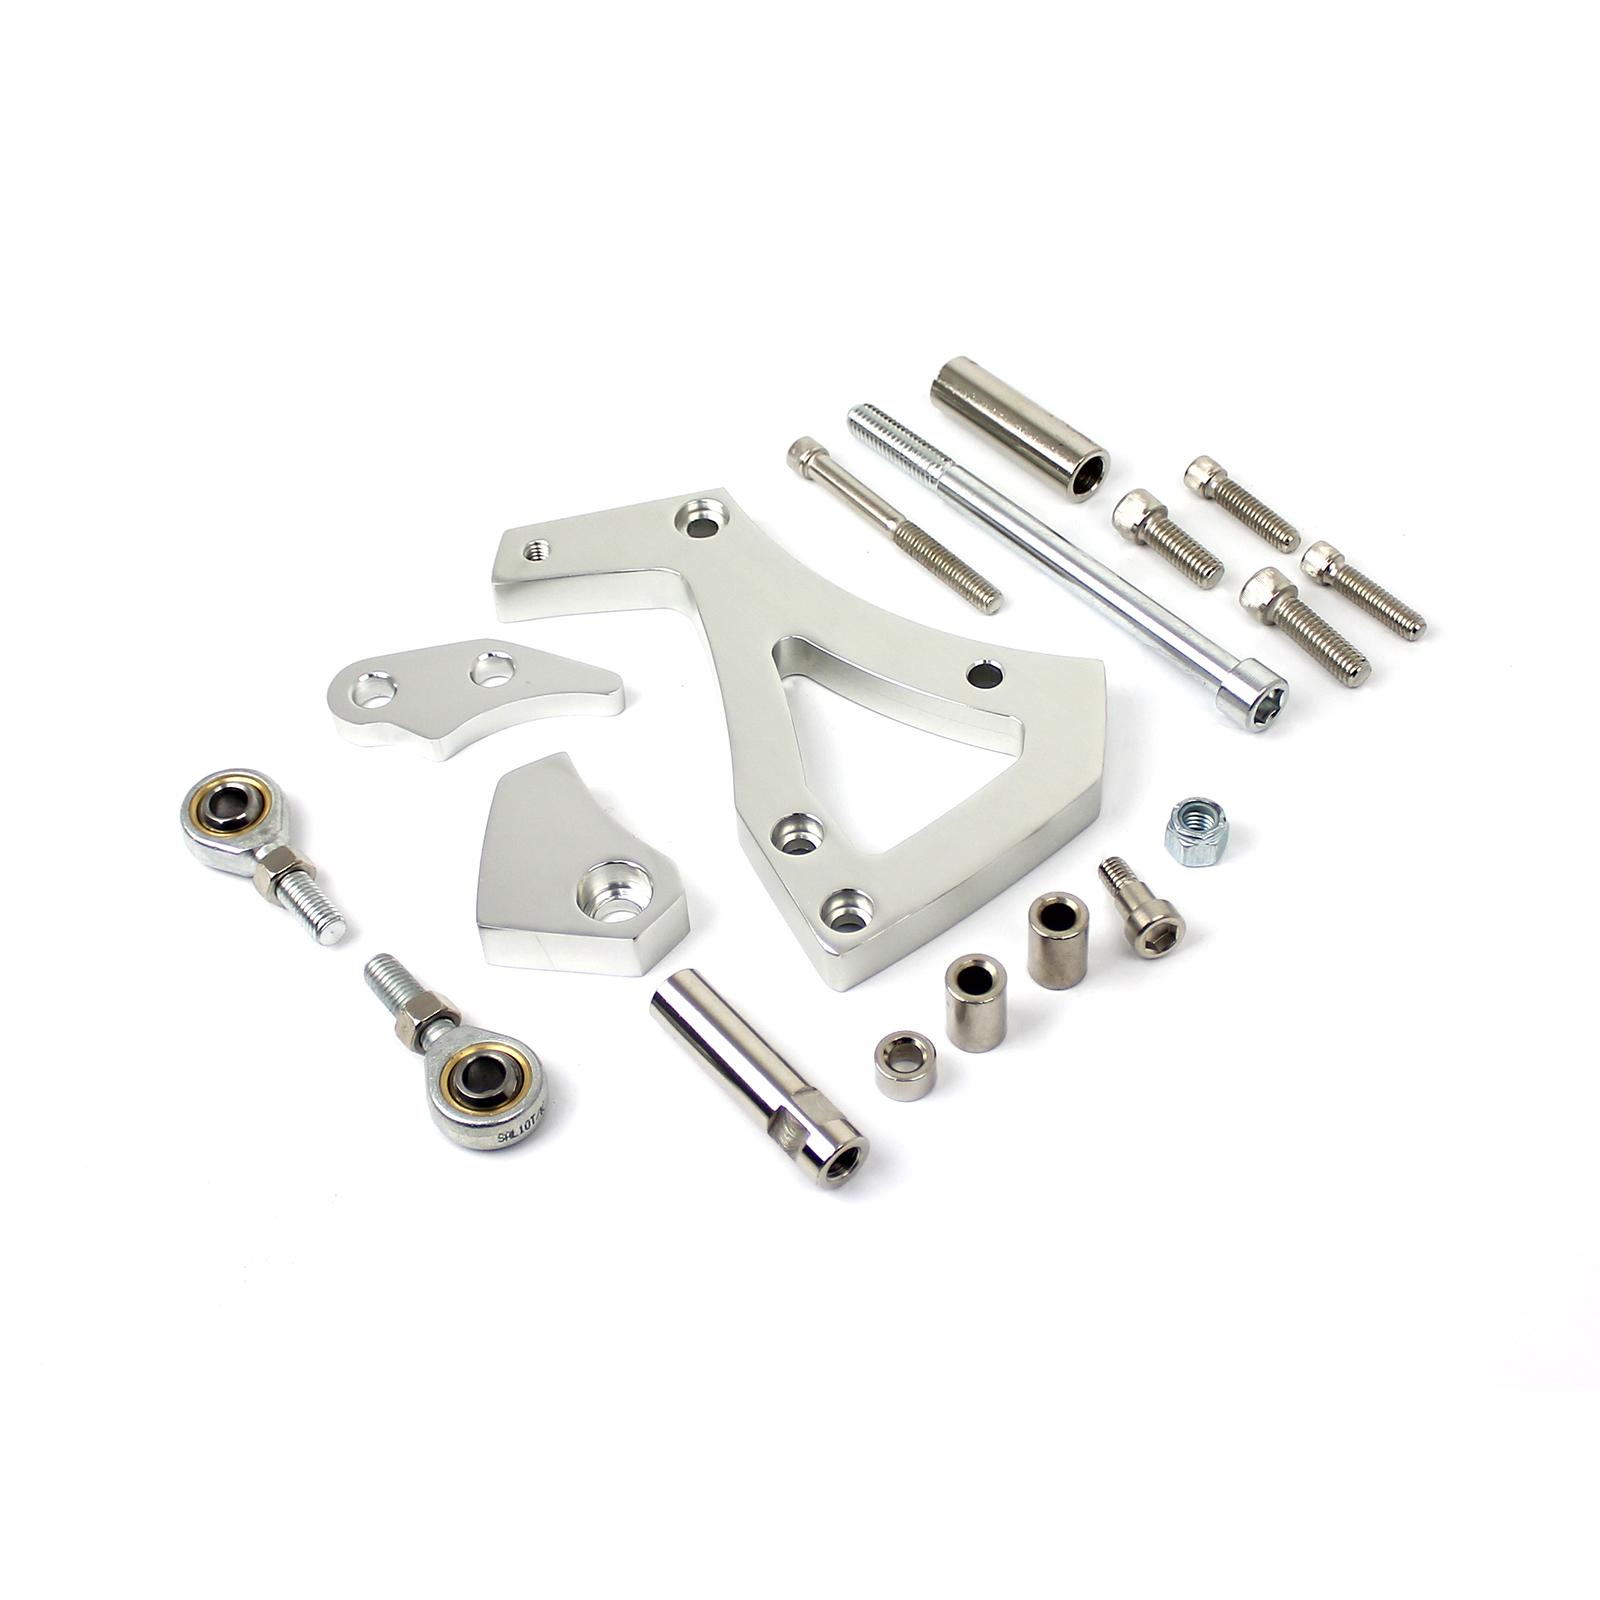 Ford 302 351C Cleveland Aluminum Alternator Bracket Kit Polished